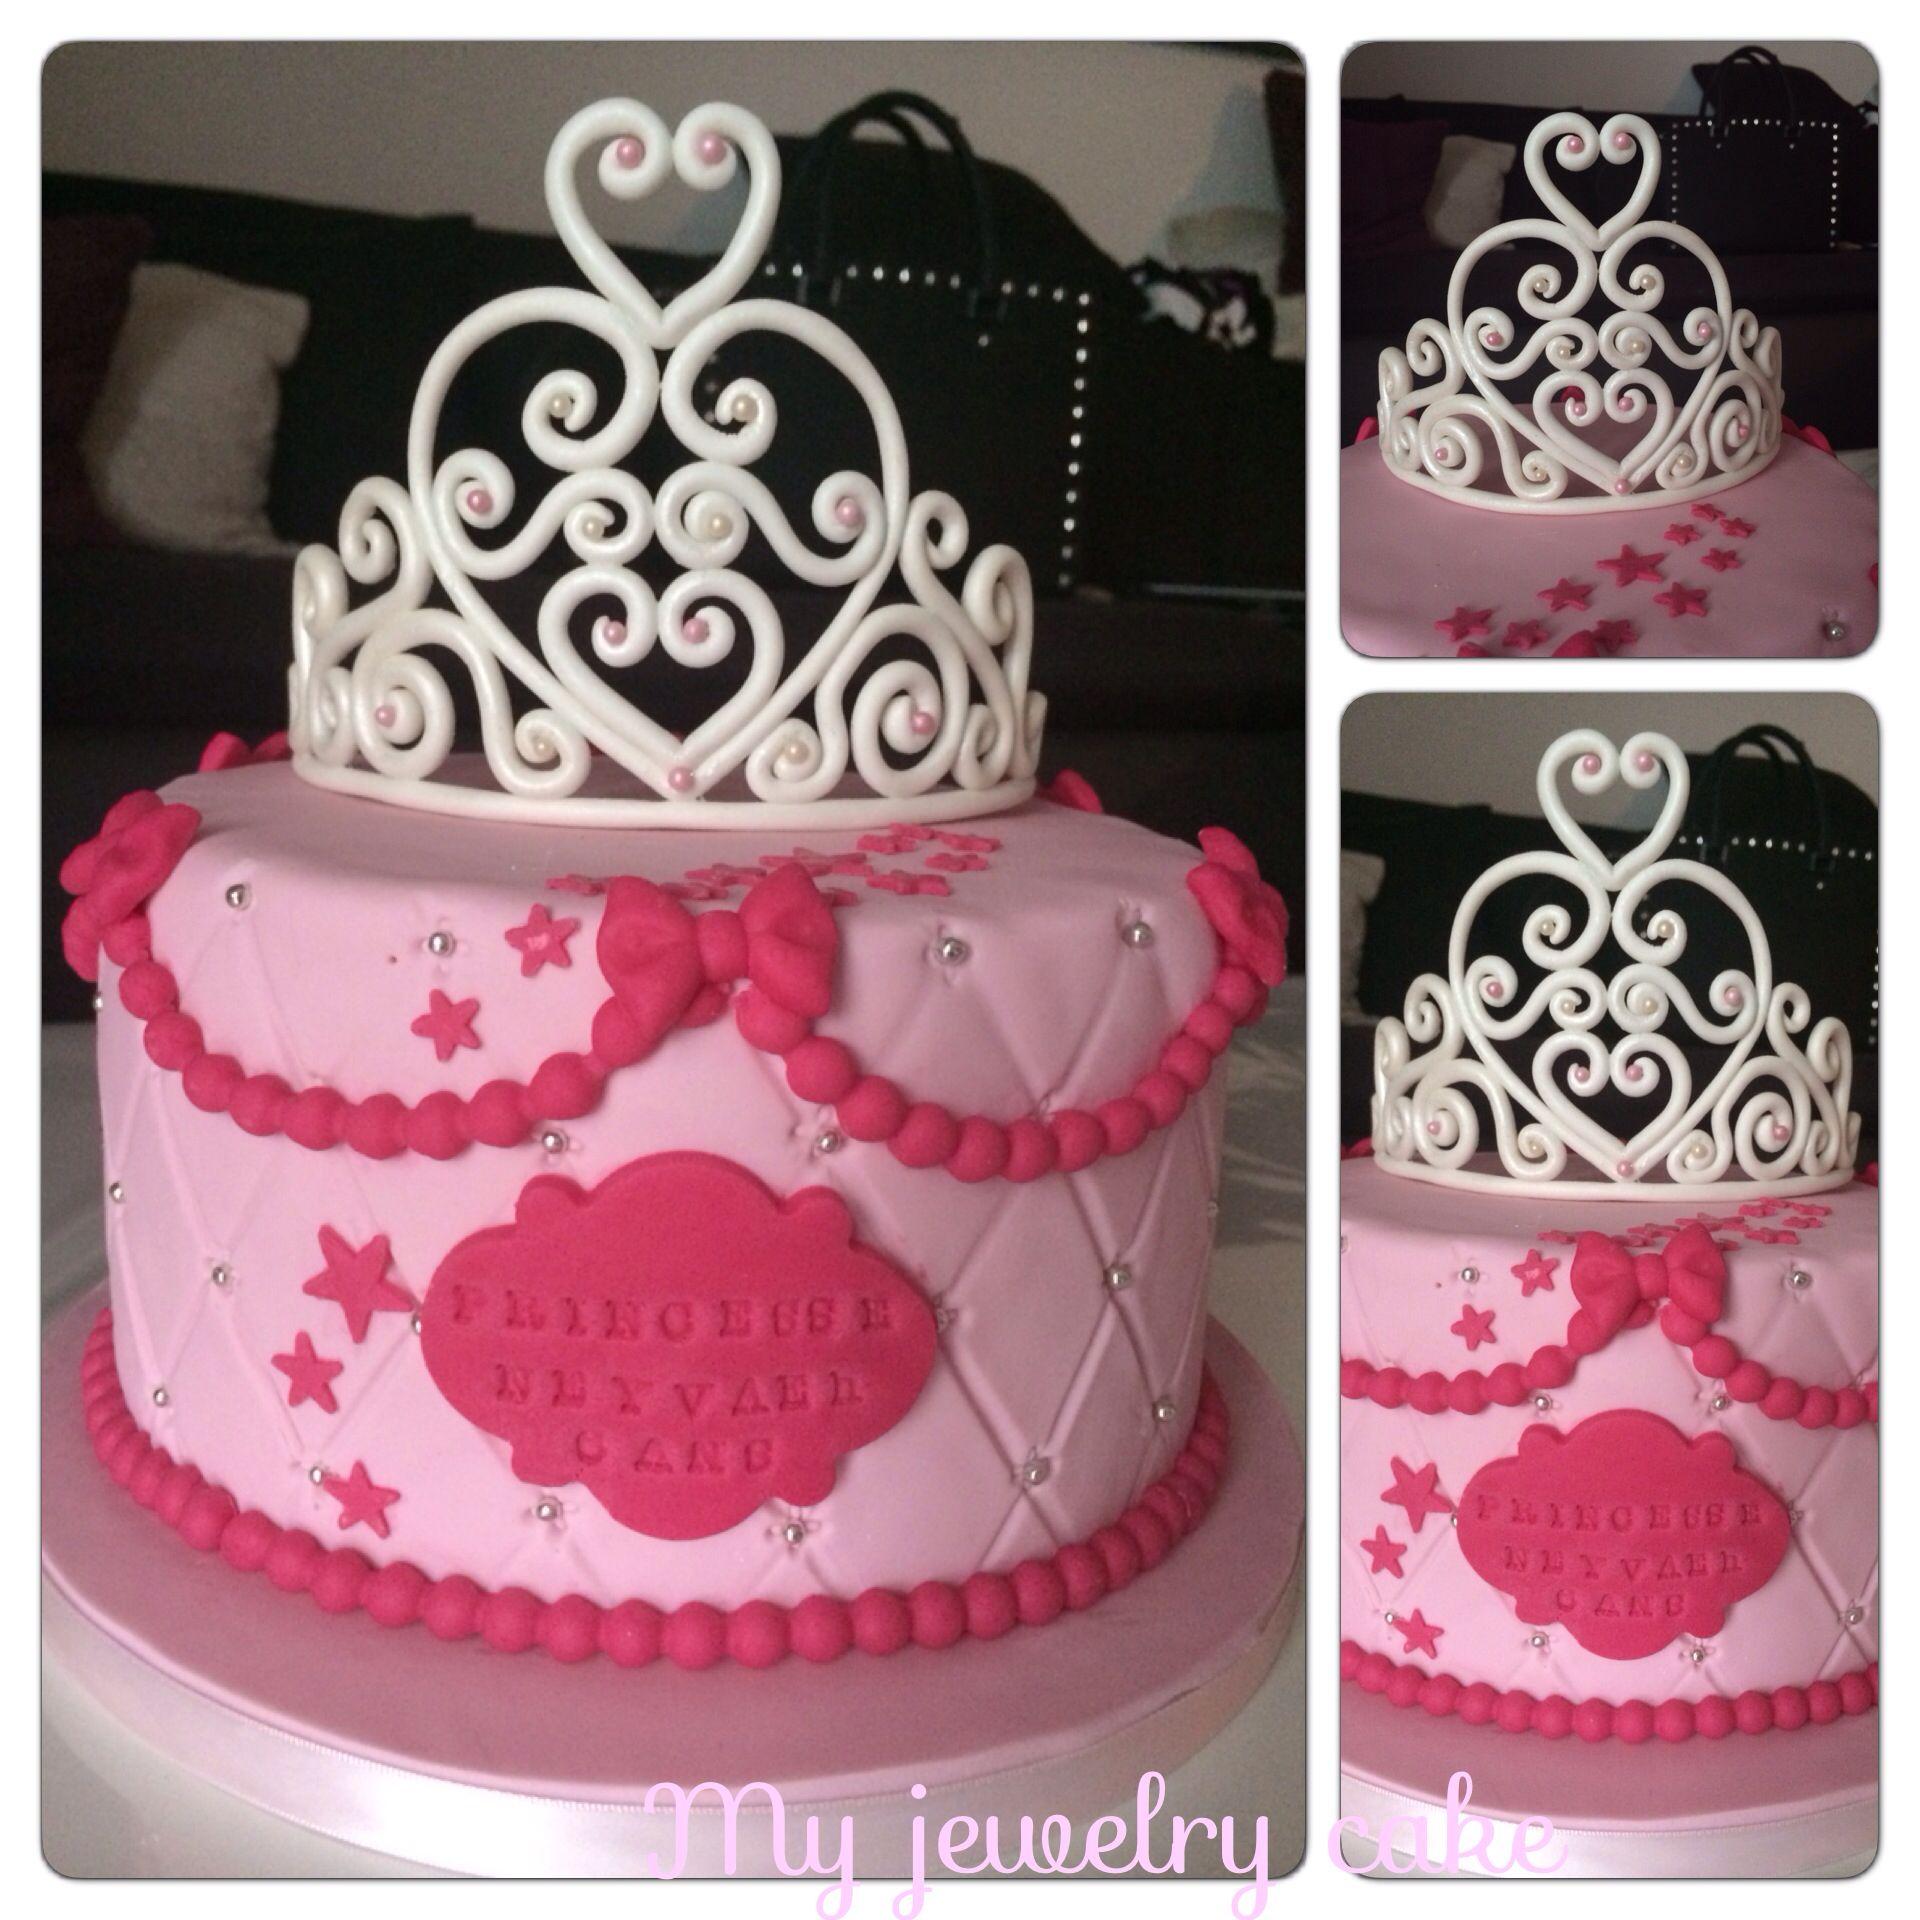 Connu Gateau princesse. Birthday cake. Gateau anniversaire fille. Cake  IE25